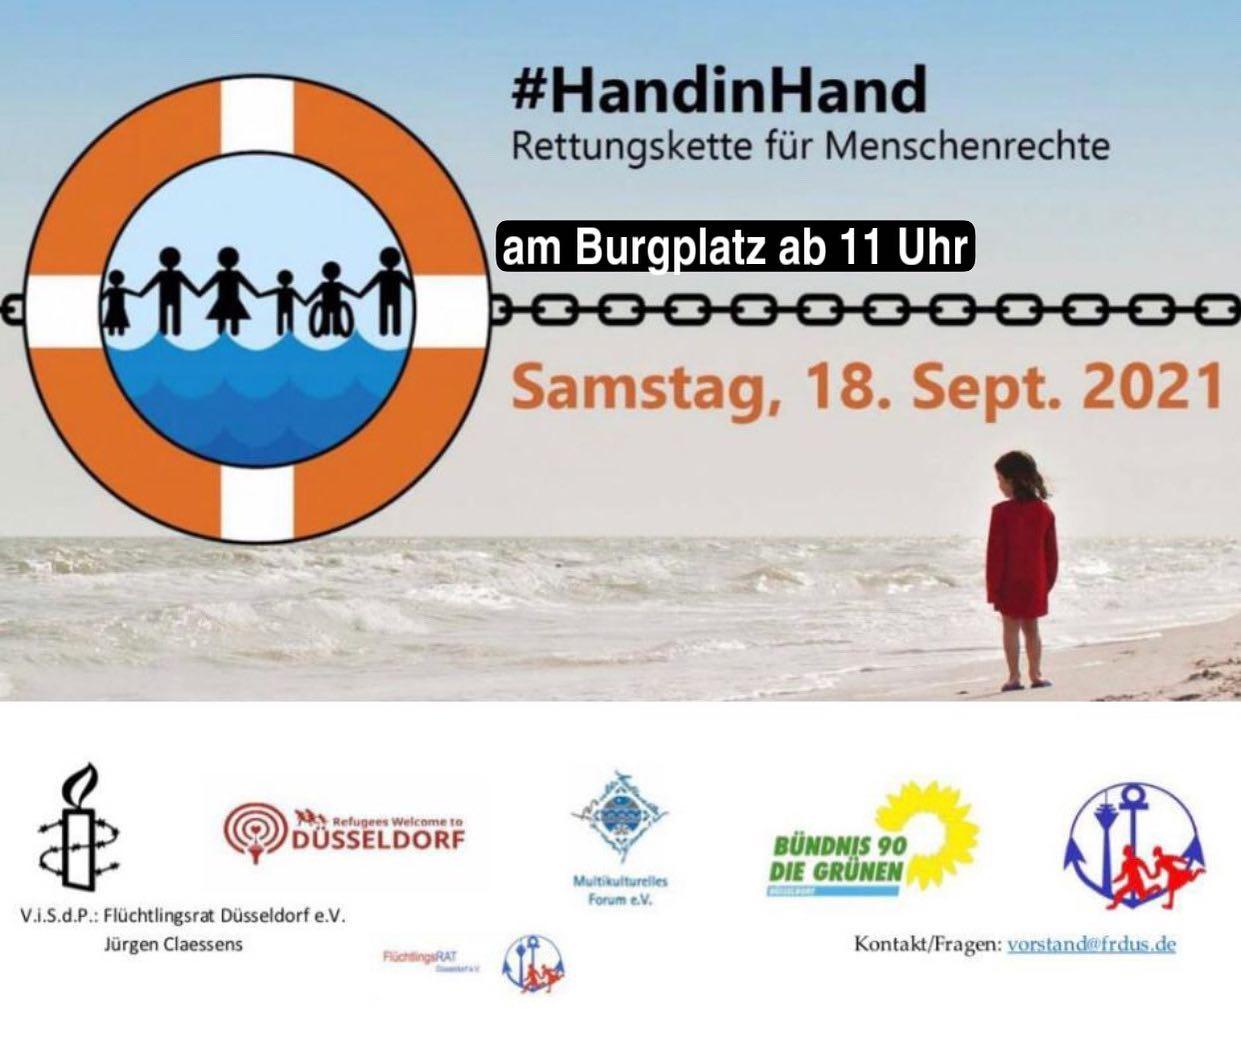 Aufruf Rettungskette für Menschenrechte am 18. September 11 Uhr am Burgplatz Düsseldorf